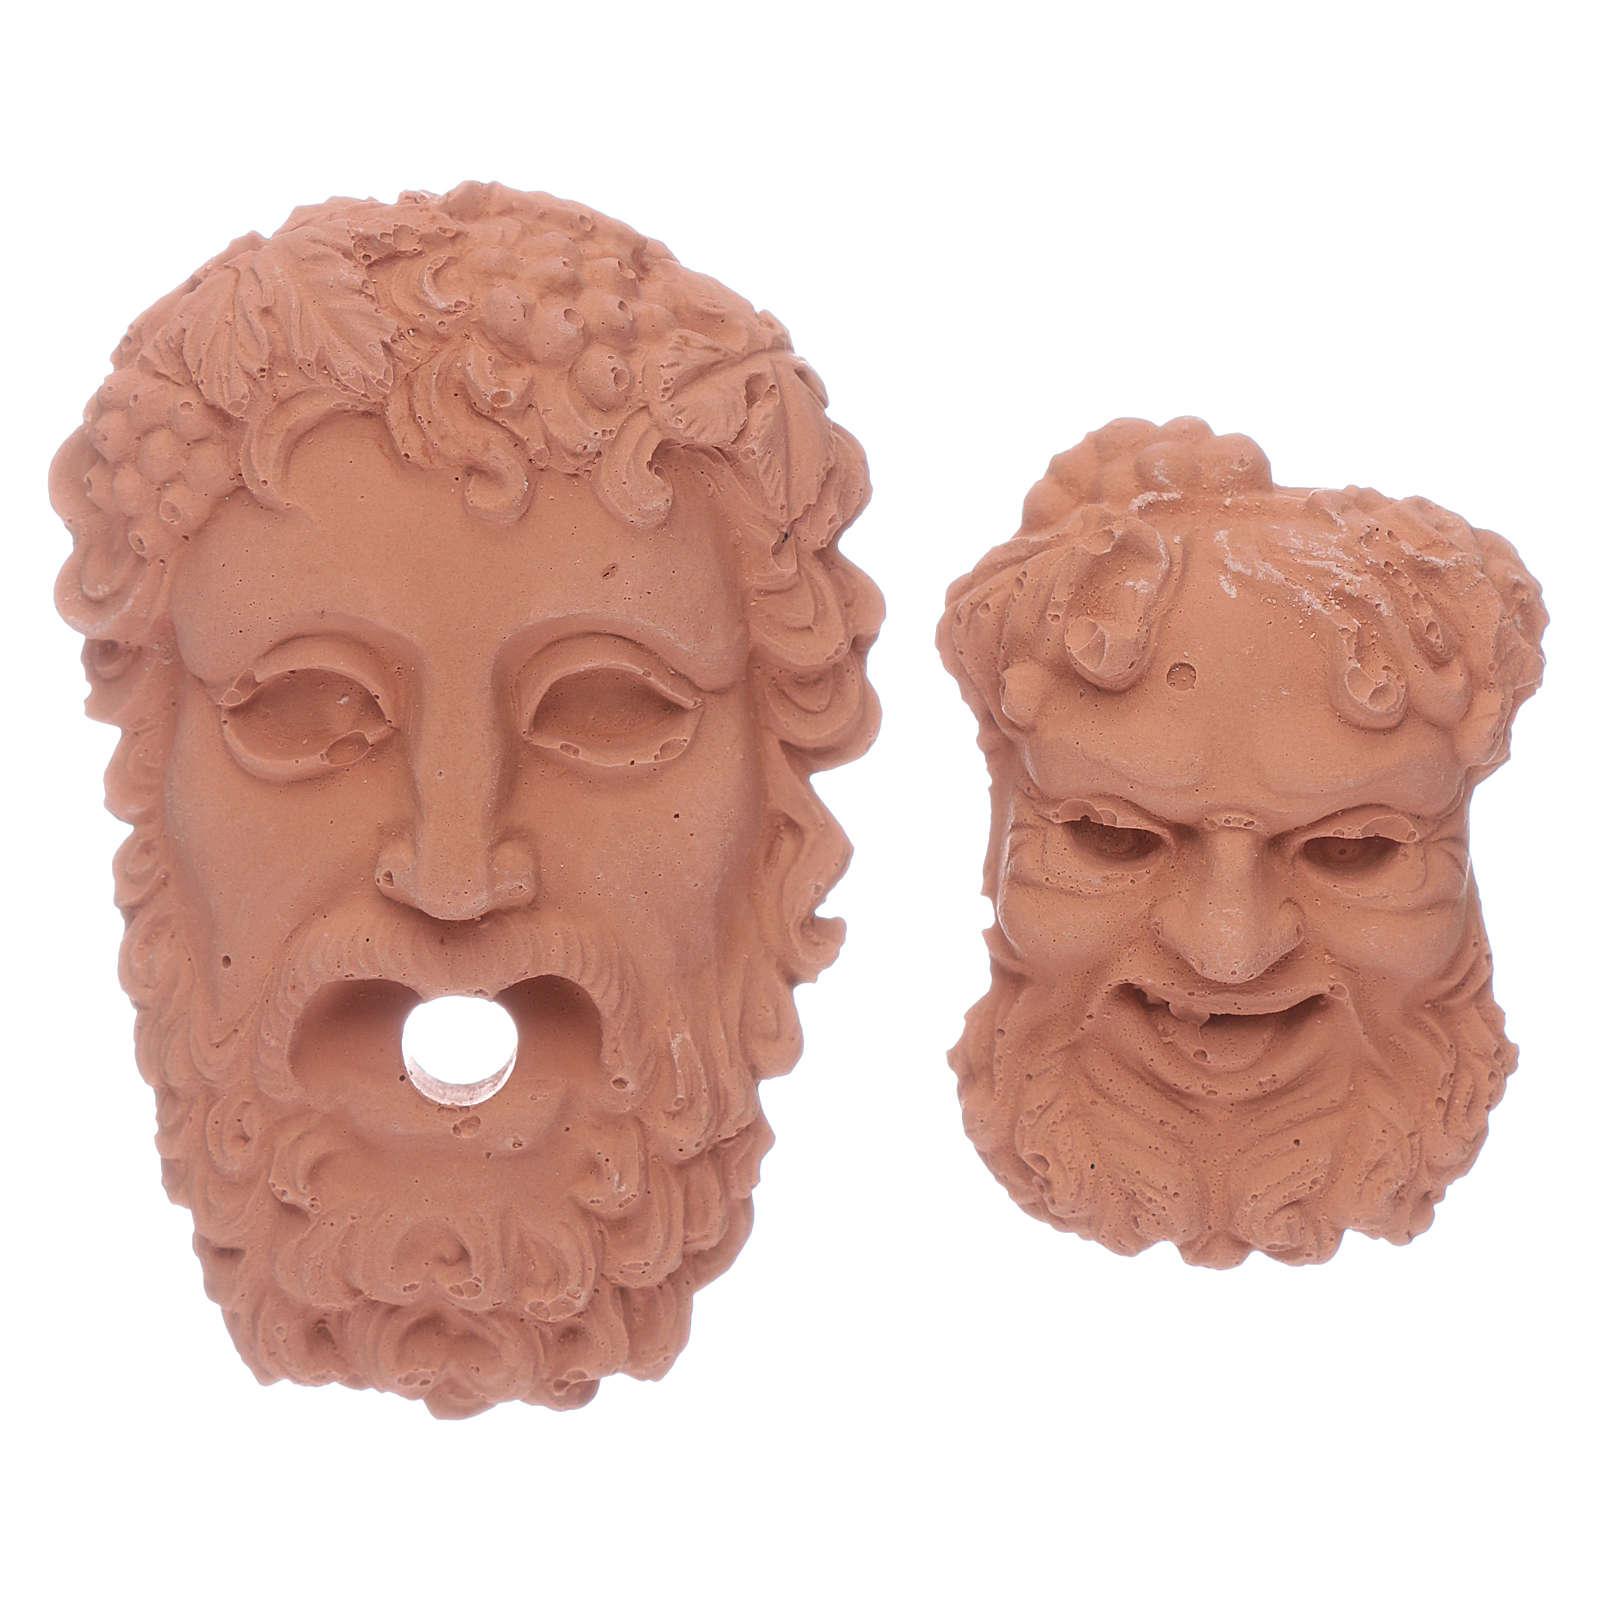 Głowy Bogów greckich Zeus i Dionizos (Bacchus) 4